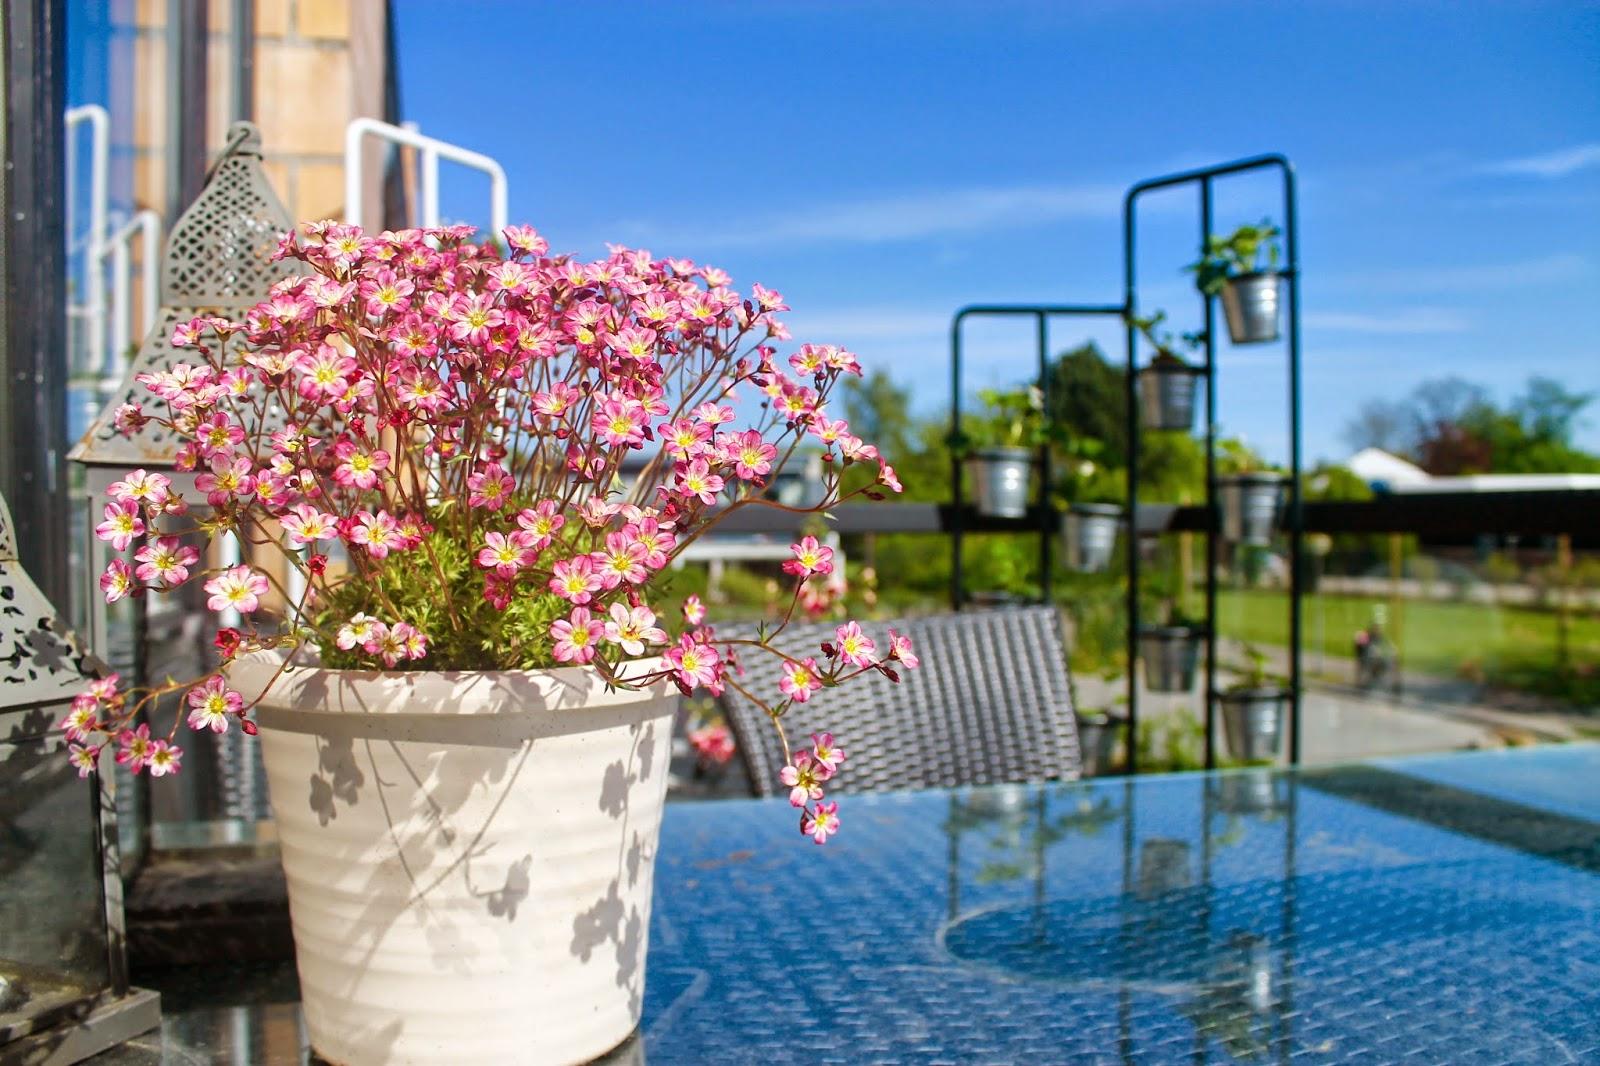 altan blomster